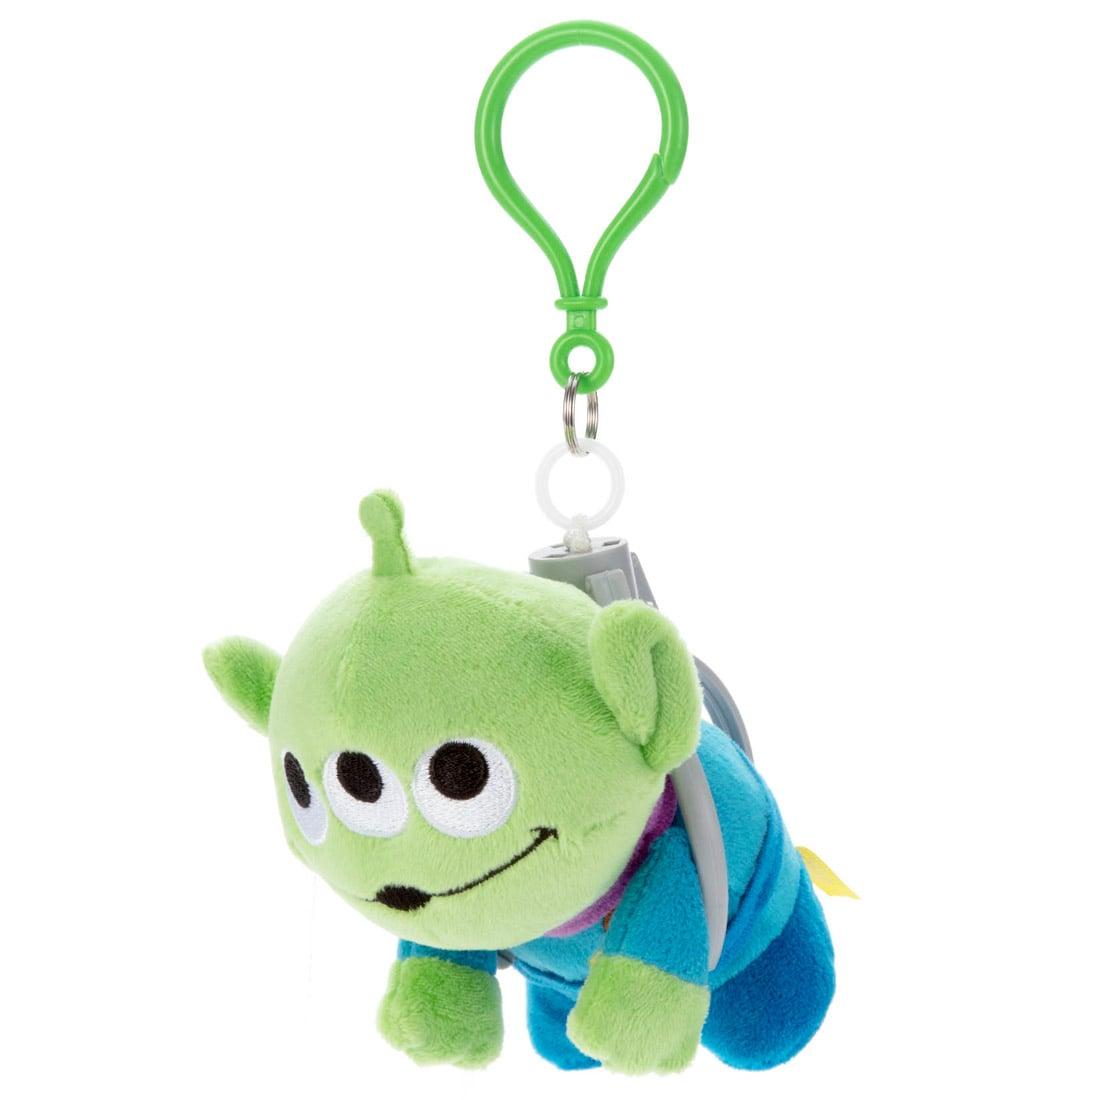 尼德斯Nydus~* 日本正版 迪士尼 玩具總動員4 三眼怪 外星人 零錢包 吊飾 鑰匙圈。人氣店家尼德斯Nydus的【 迪士尼 系列 】有最棒的商品。快到日本NO.1的Rakuten樂天市場的安全環